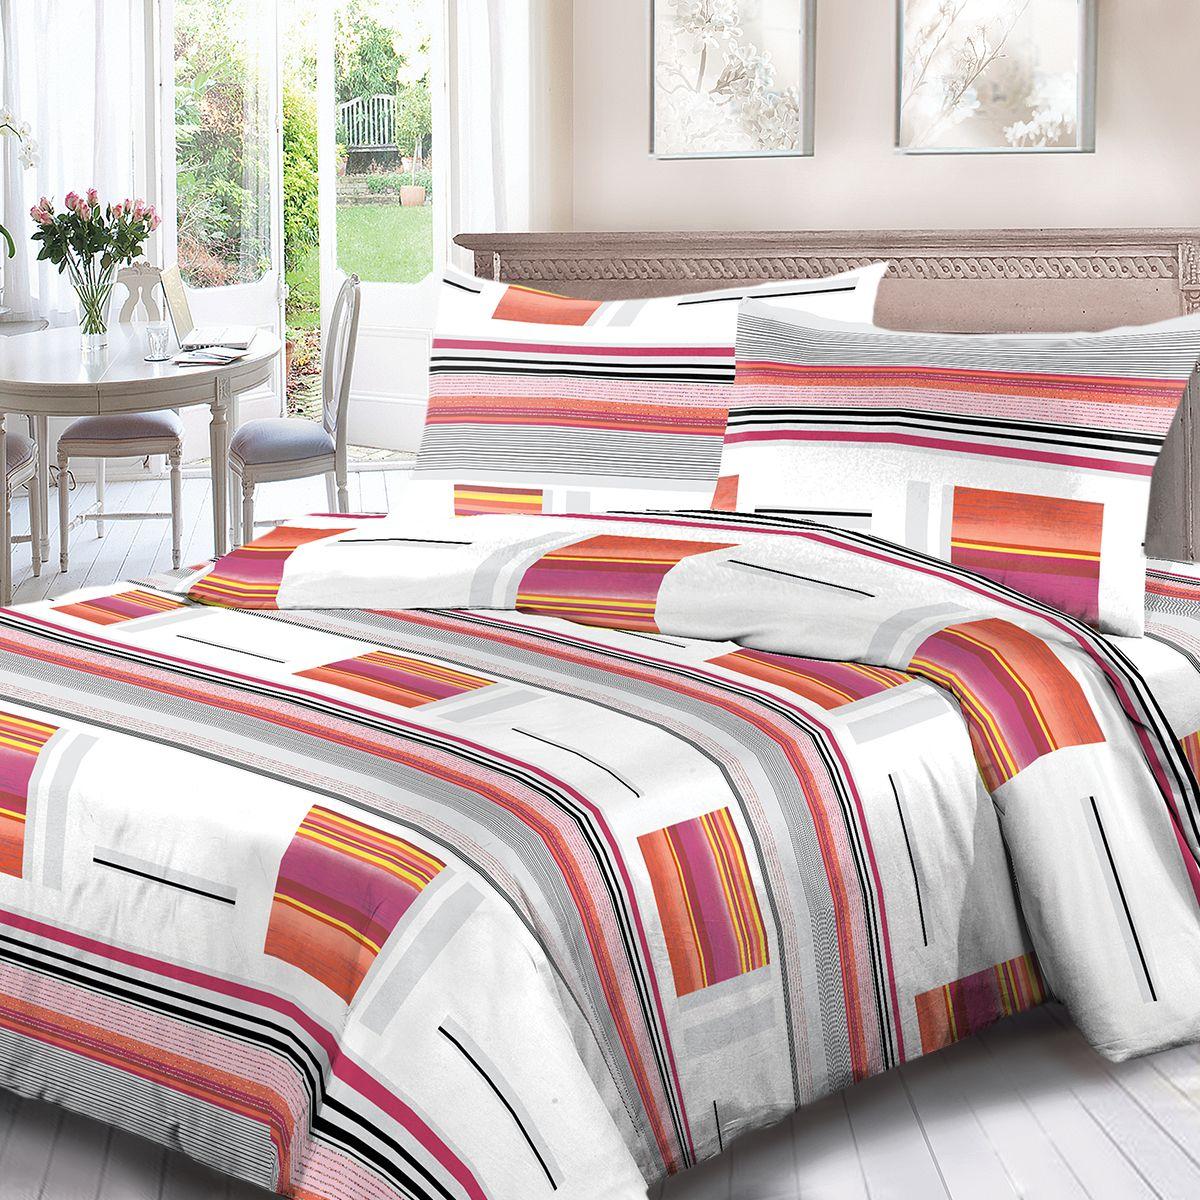 Комплект белья Для Снов Стокгольм, 2-х спальное, наволочки 70x70, цвет: красный. 1902-181976